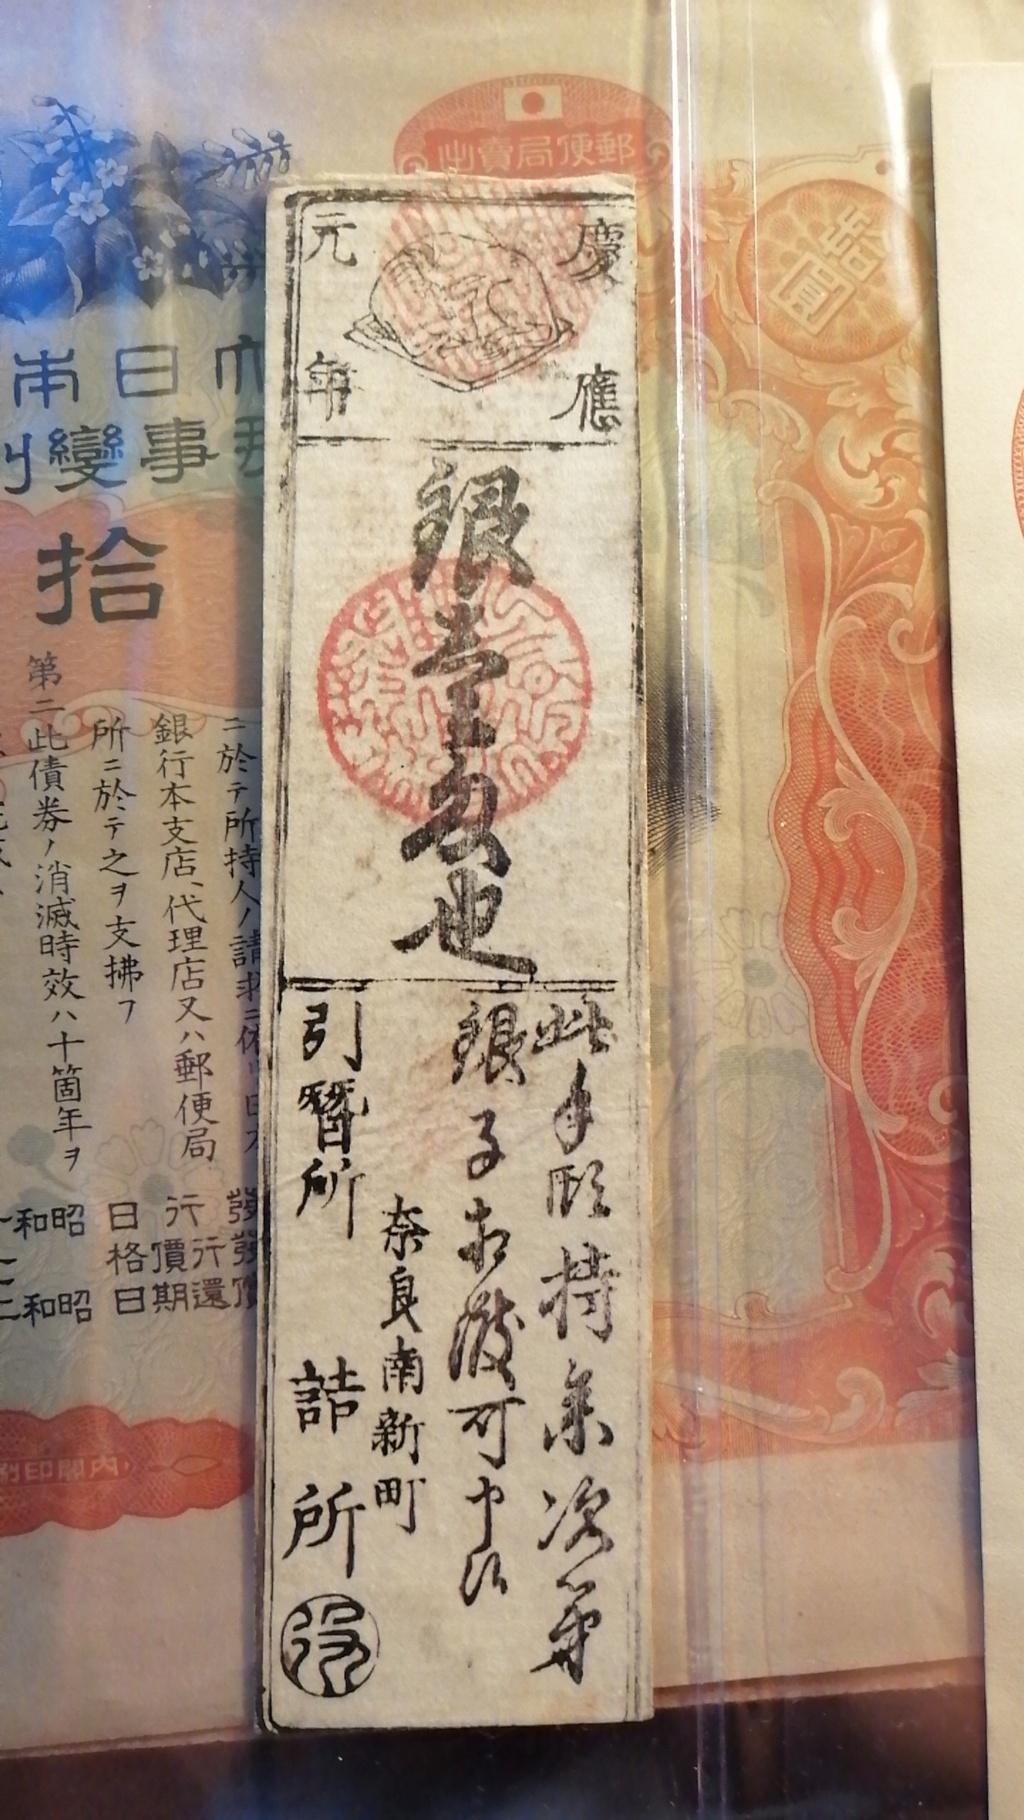 Paquete de Japón cargado de ilusión - 3ª Entrega 20210910